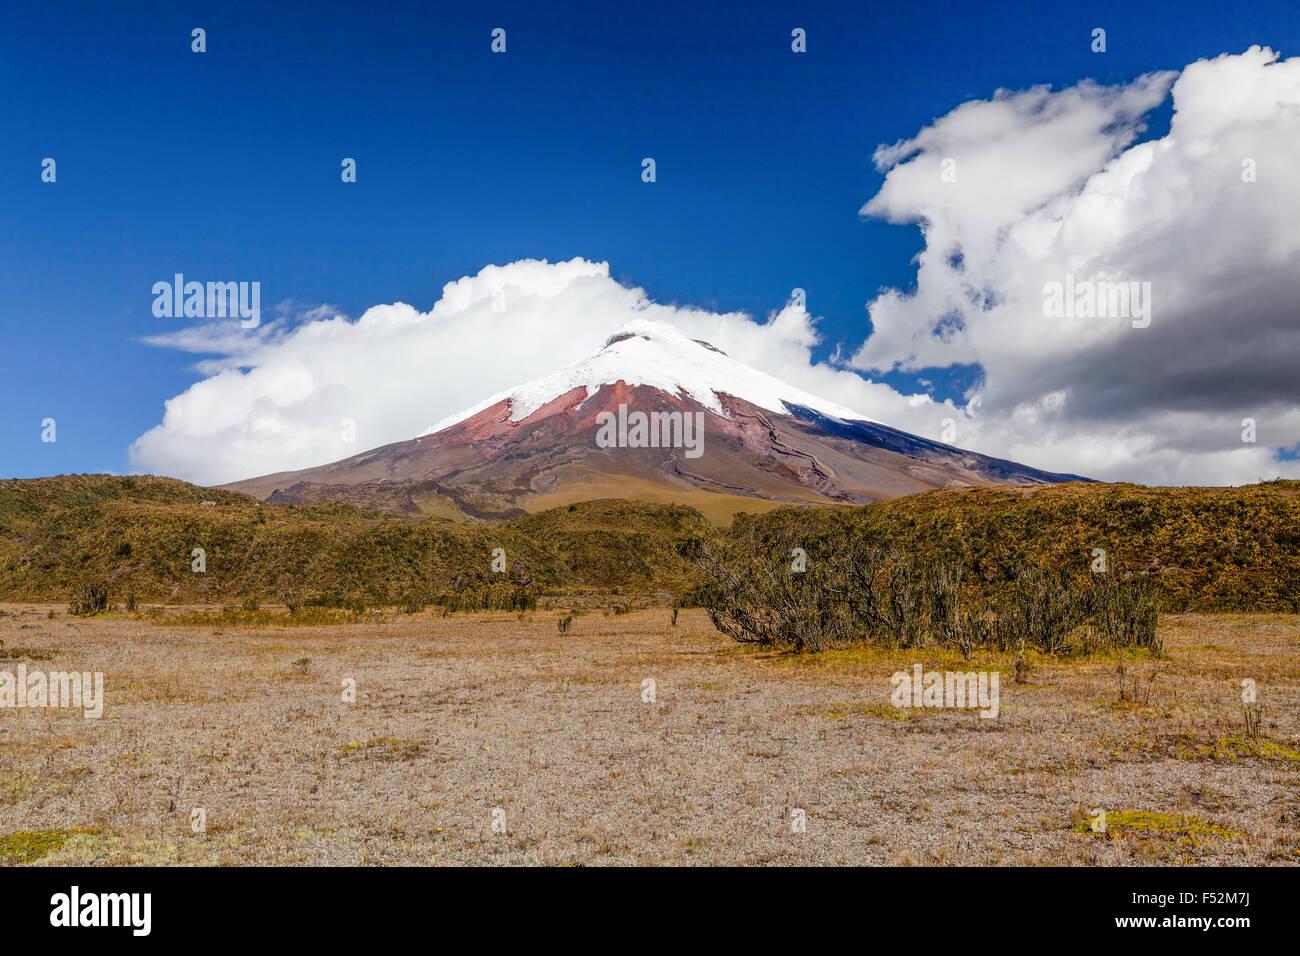 Le Cotopaxi est un volcan de la Cordillère des Andes près de Quito Équateur c'est le 2ème Photo Stock